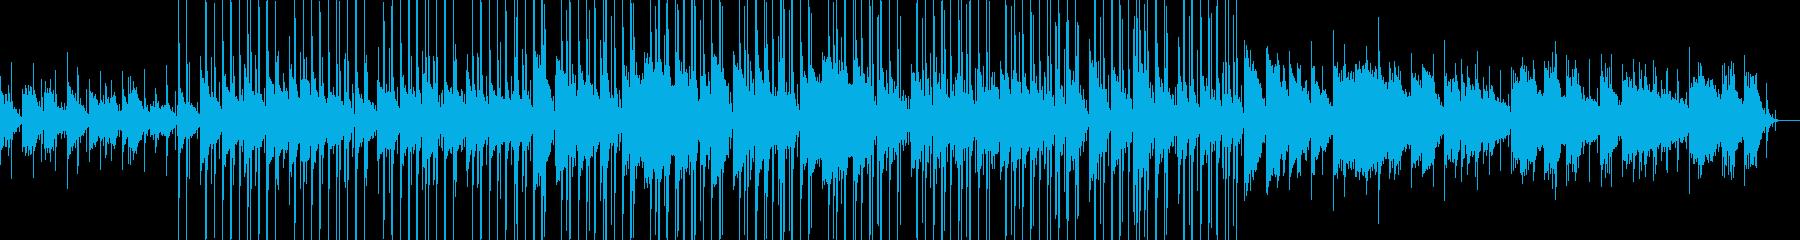 優しいChill Hip Hopピアノ曲の再生済みの波形